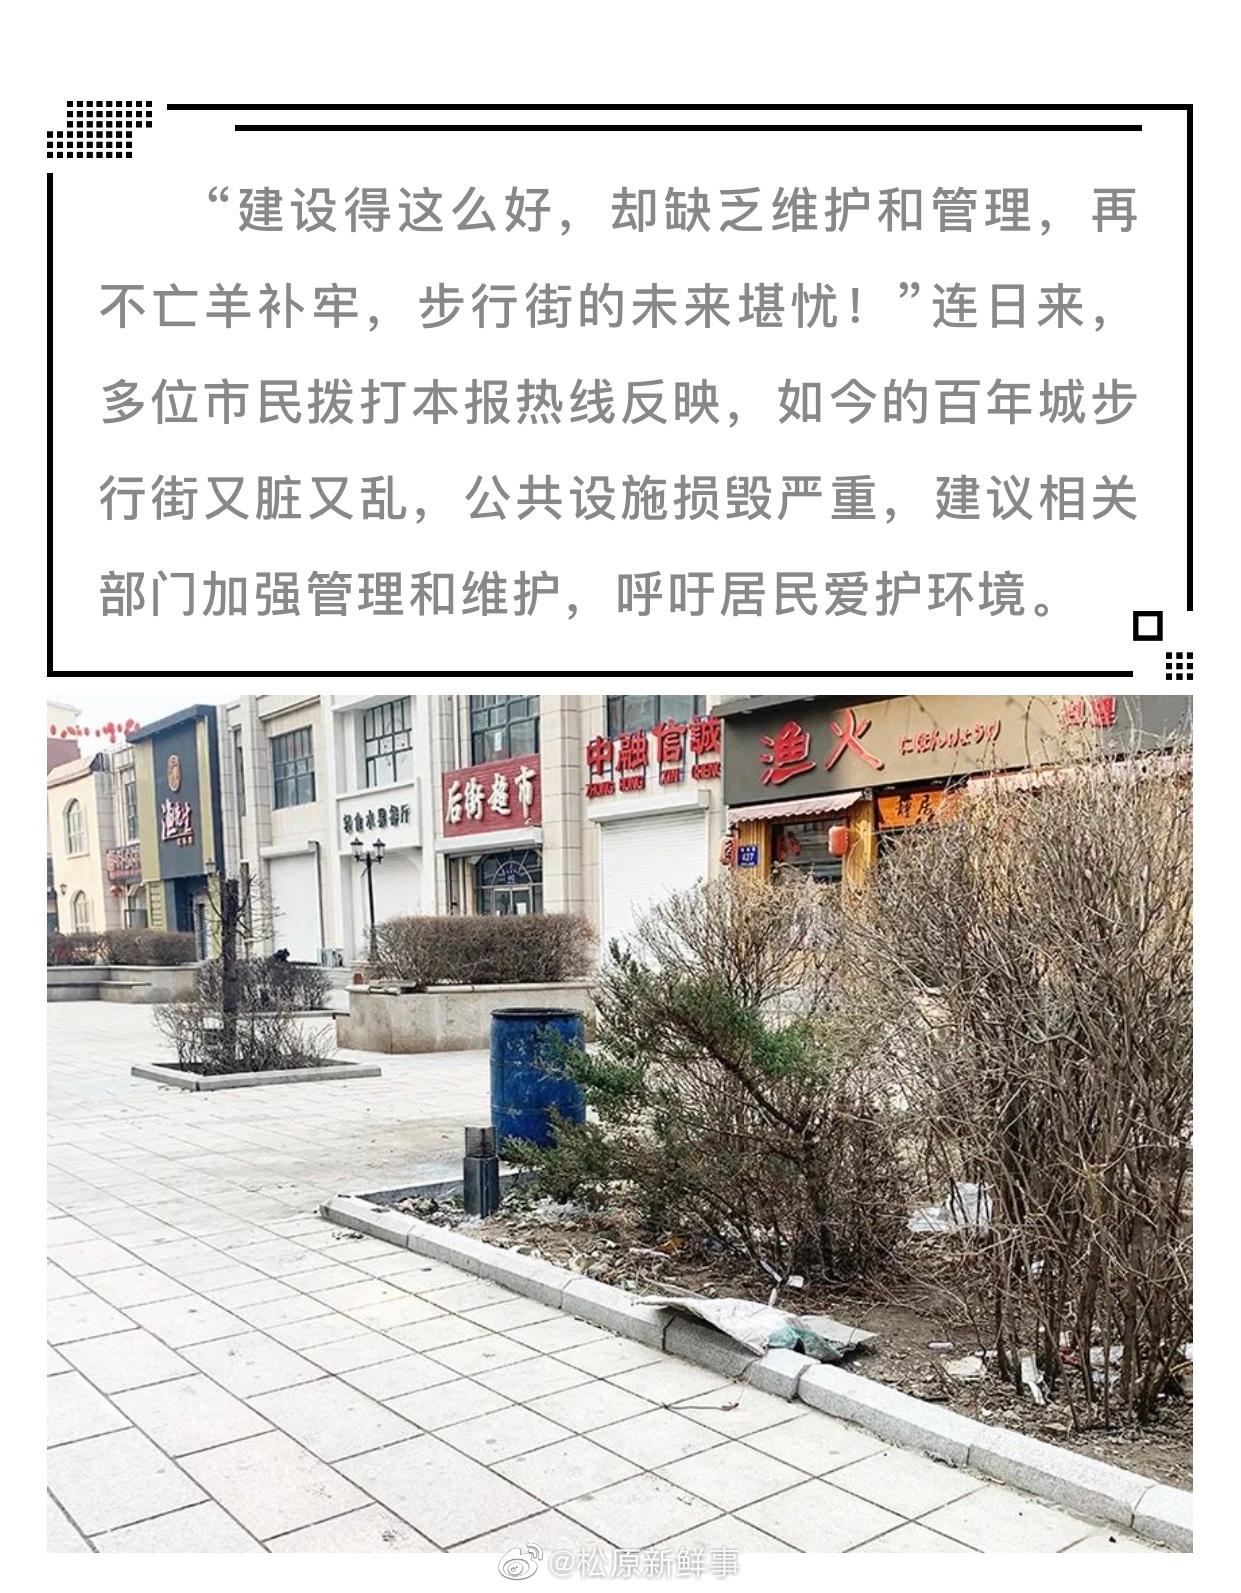 """百年城步行街脏乱差 繁华商圈里的""""疮疤"""" 何时能修复"""